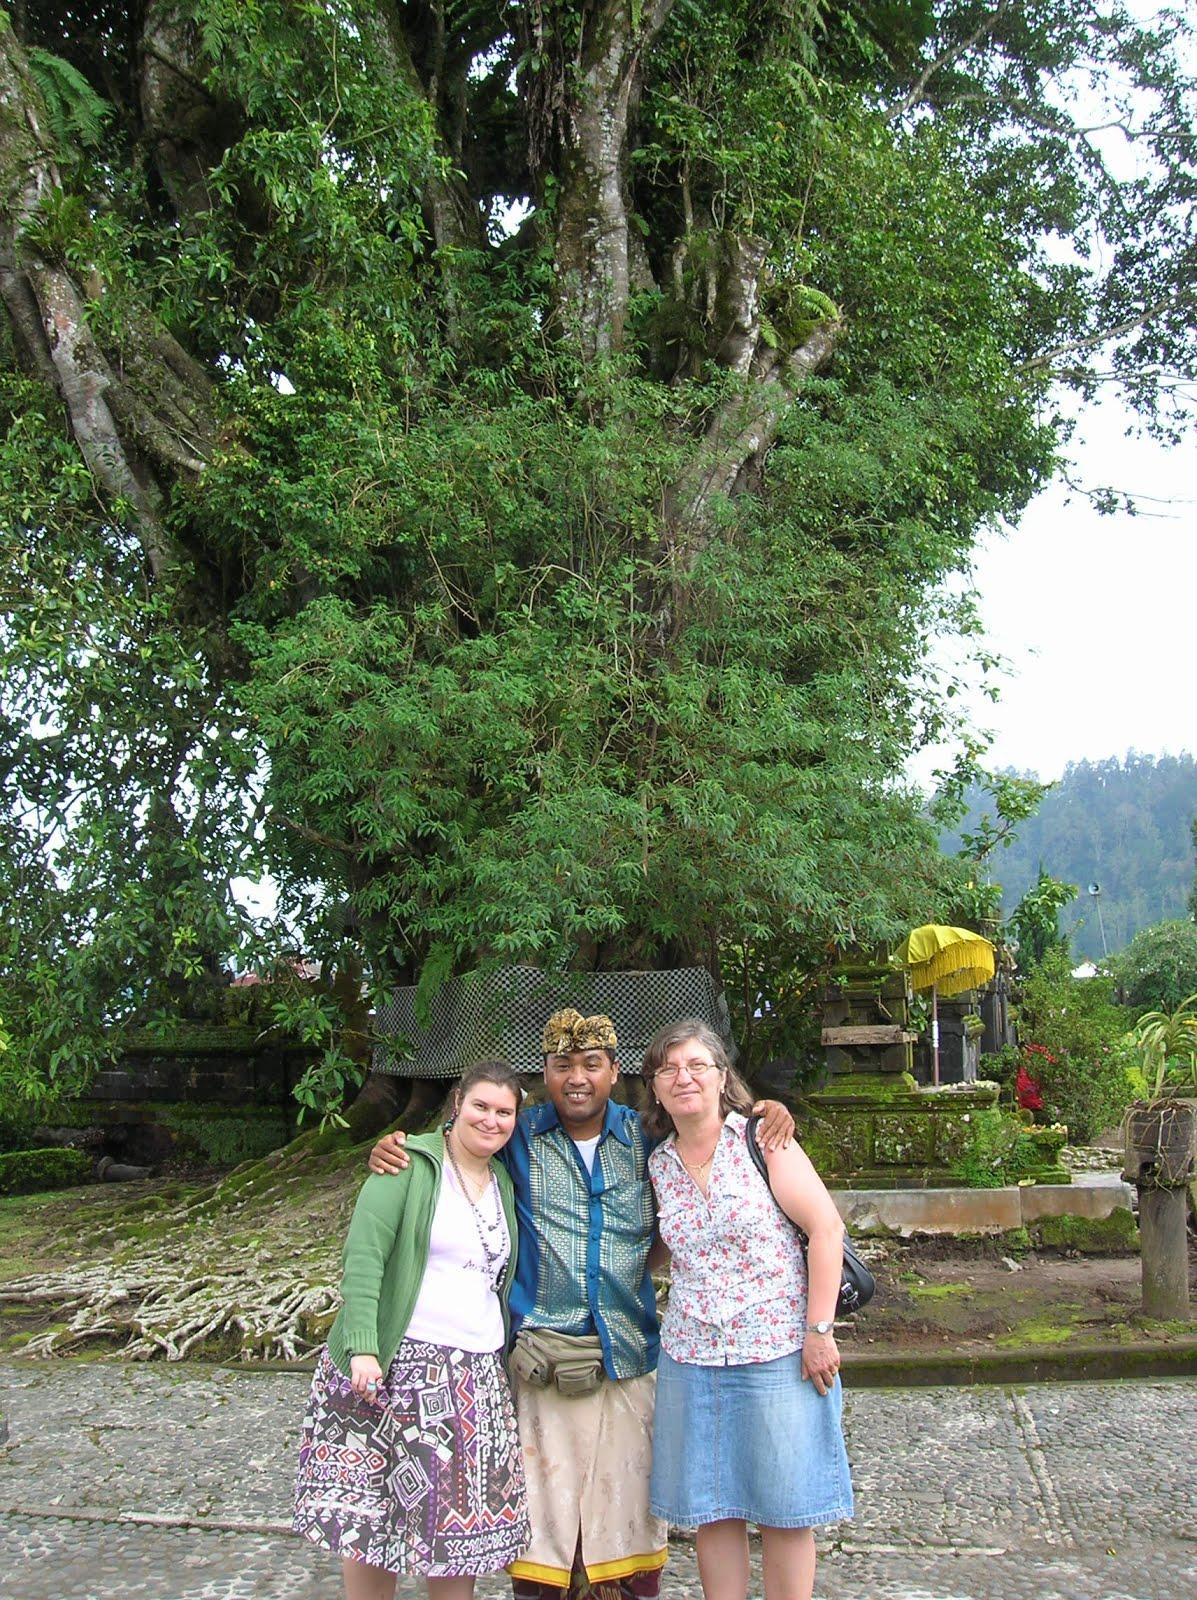 Jardín Botánico, Isla de Bali,Indonesia, vuelta al mundo, round the world, La vuelta al mundo de Asun y Ricardo